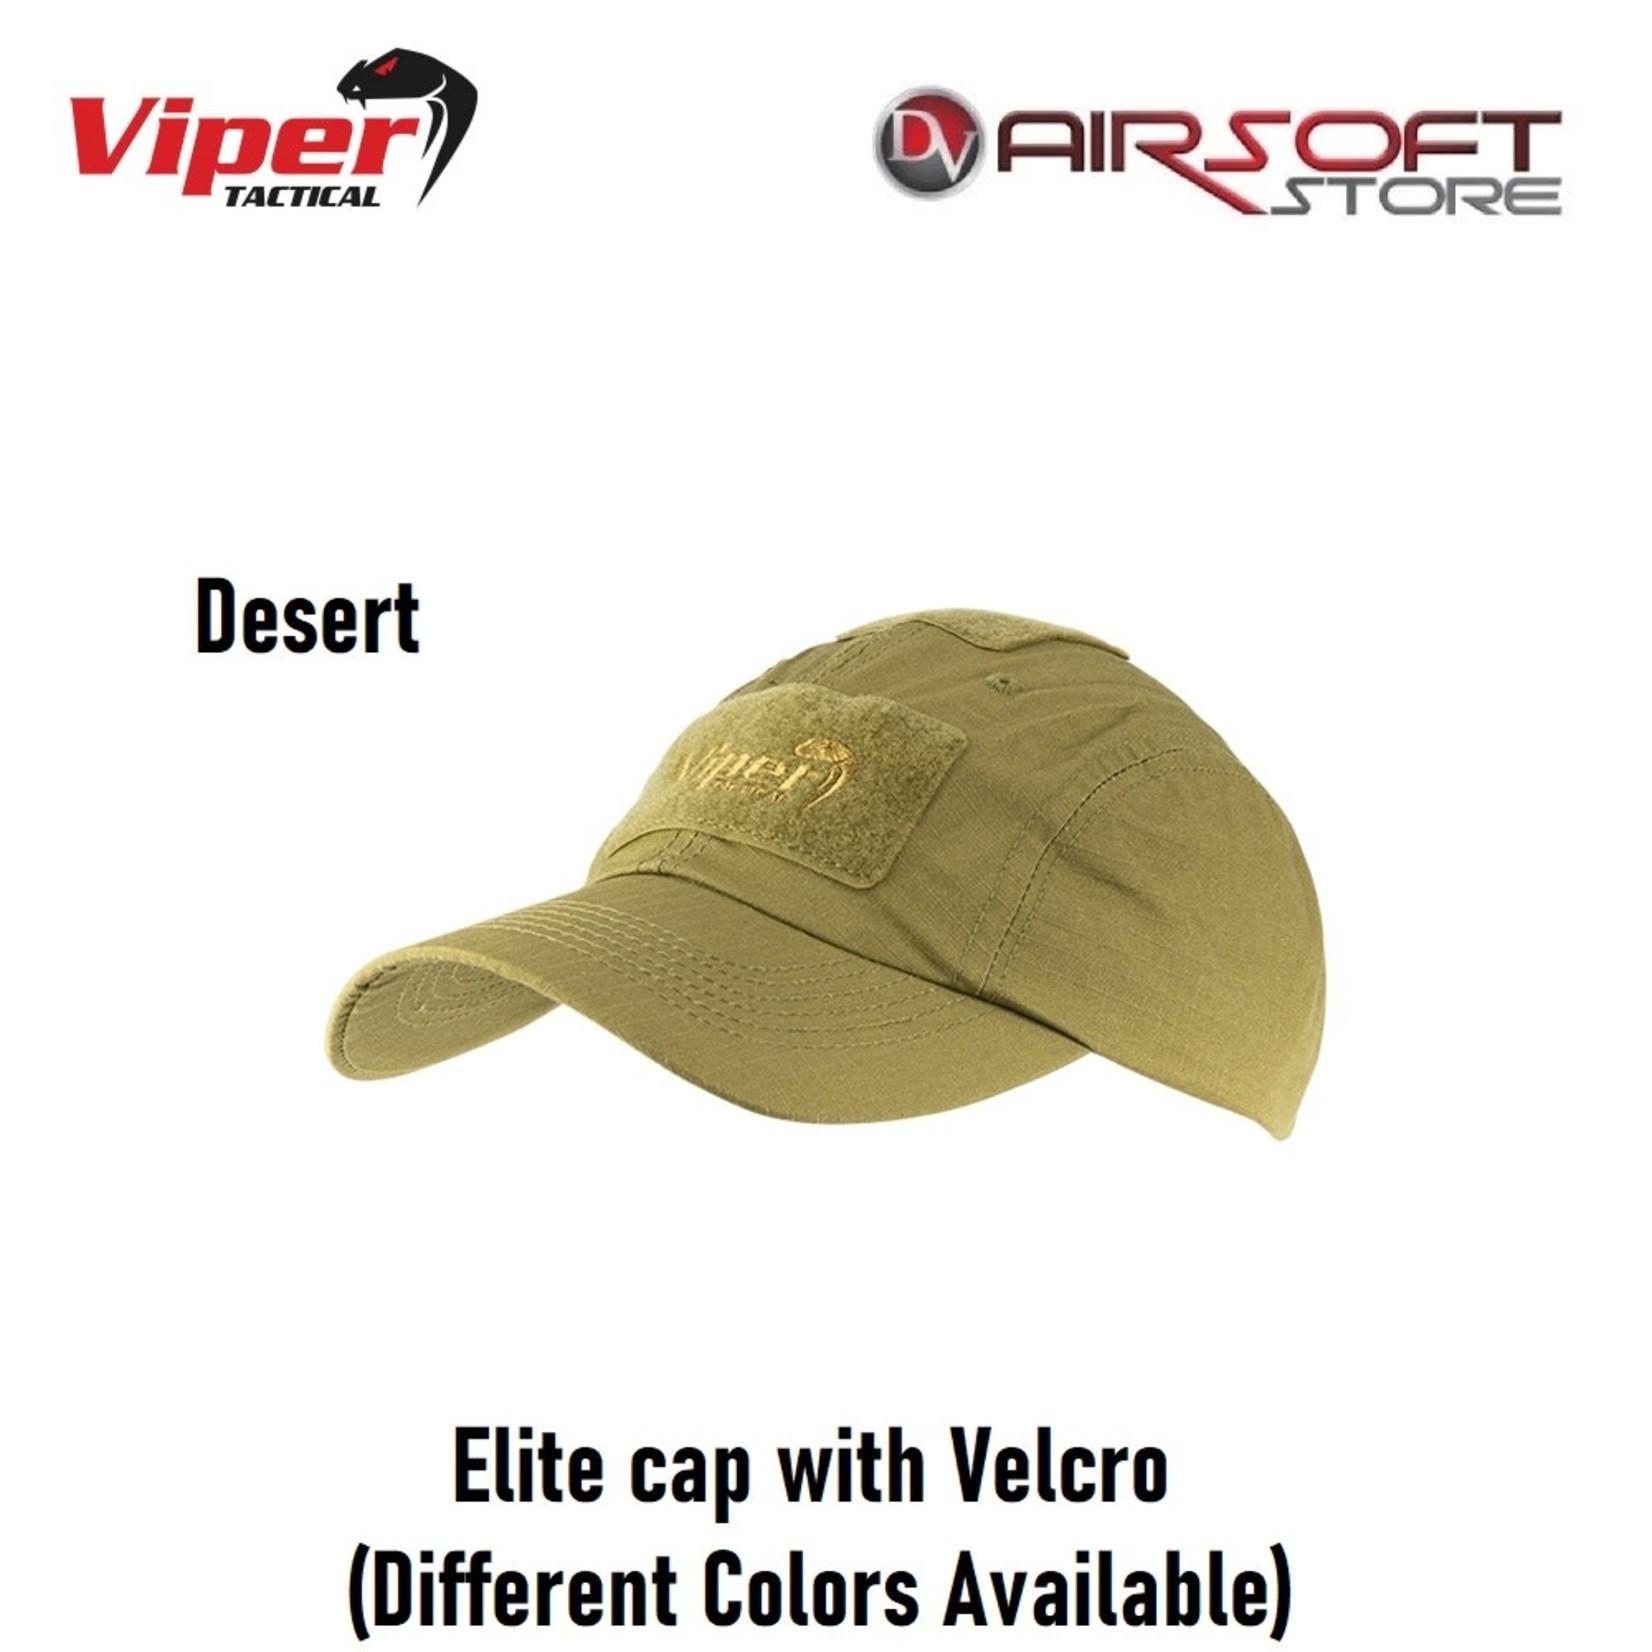 VIPER Elite cap with Velcro